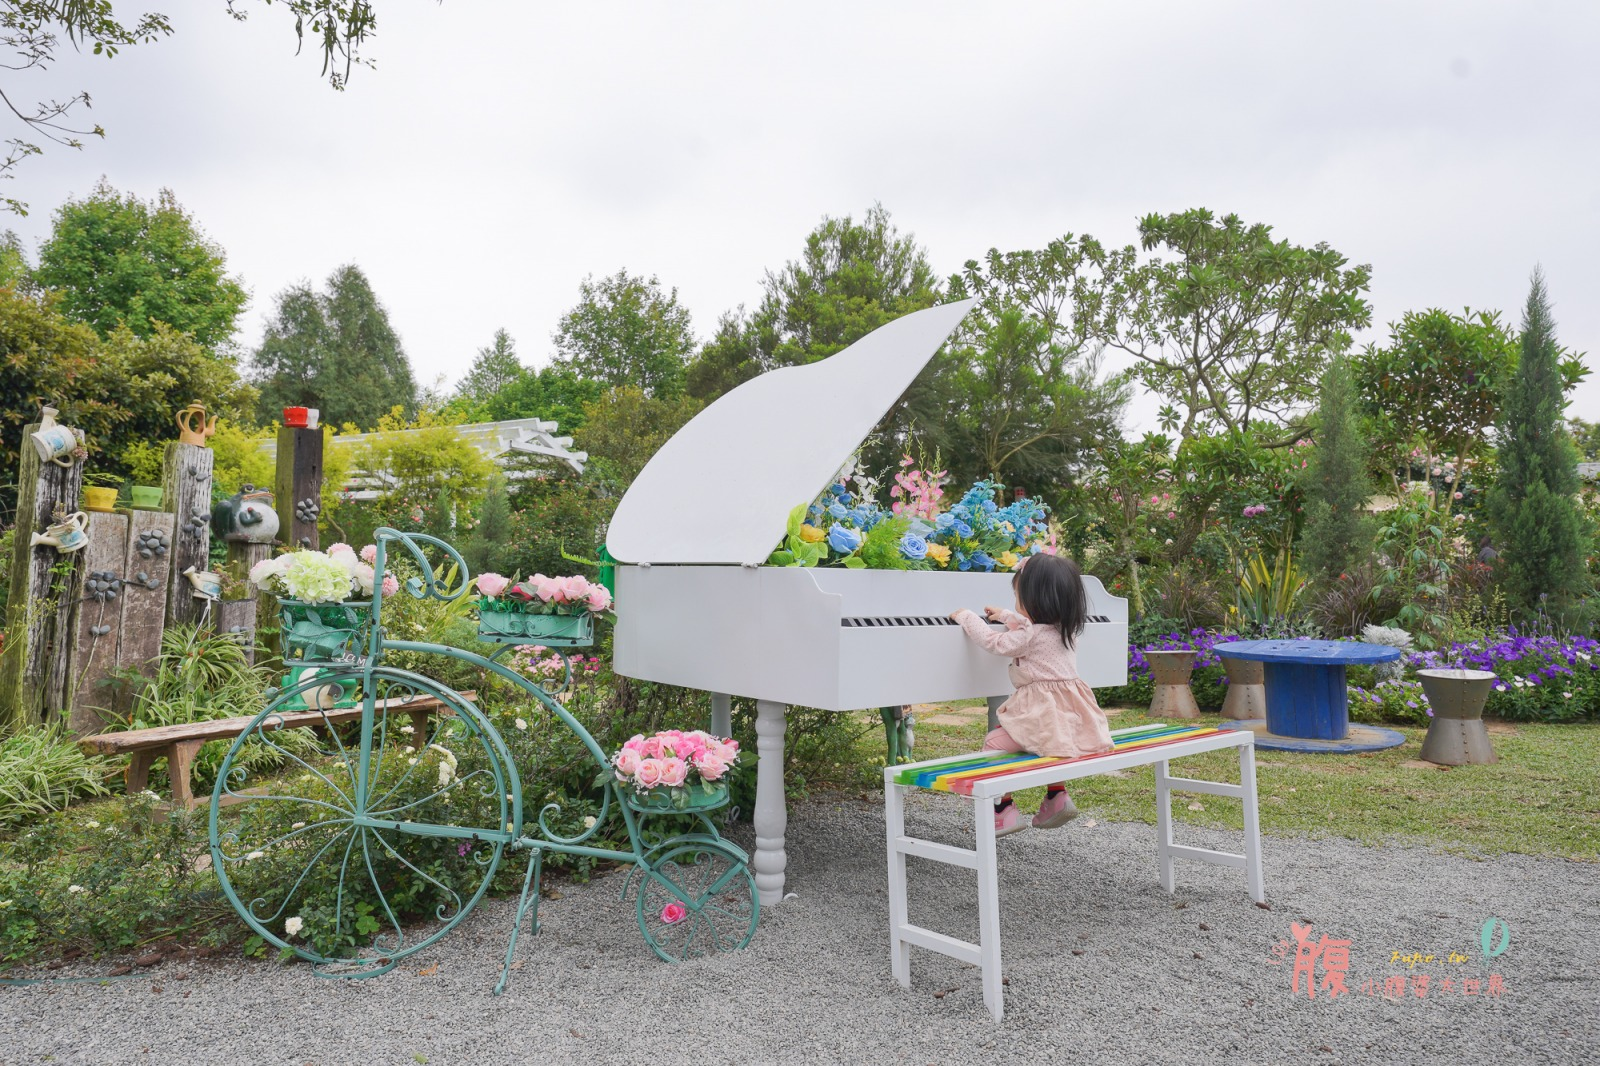 苗栗三義景點》雅聞香草植物工廠,免門票森林系景點!有荷蘭風車、小熊沙堆、玫瑰花海、氣墊溜滑梯,適合帶孩子野餐出遊